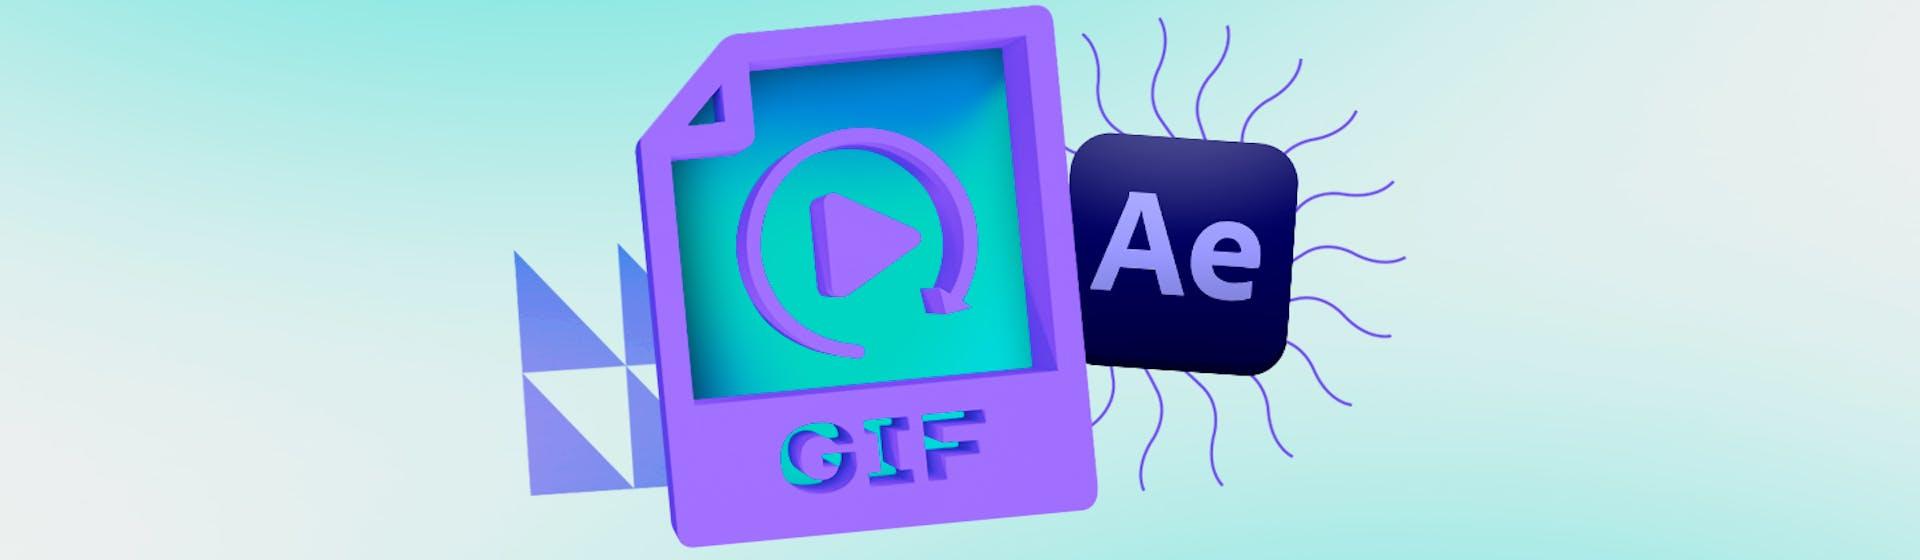 ¿Cómo hacer un GIF en After Effects? Te mostramos tres métodos fáciles